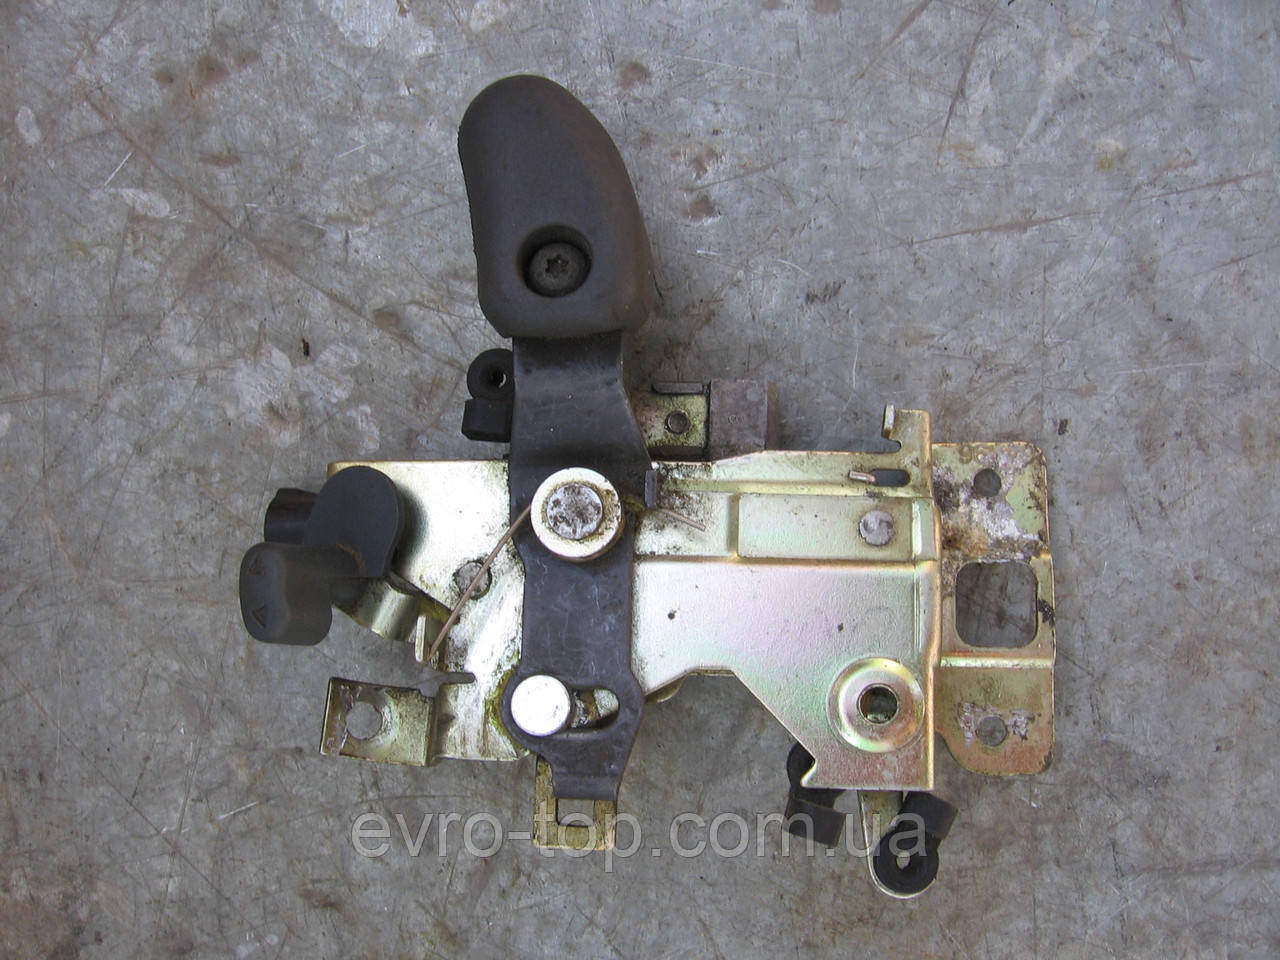 Механізм замка правій бічній двері 1497490698 б/у на Fiat Scudo, Citroen Jumper, Peugeot Expert рік 1995-2007